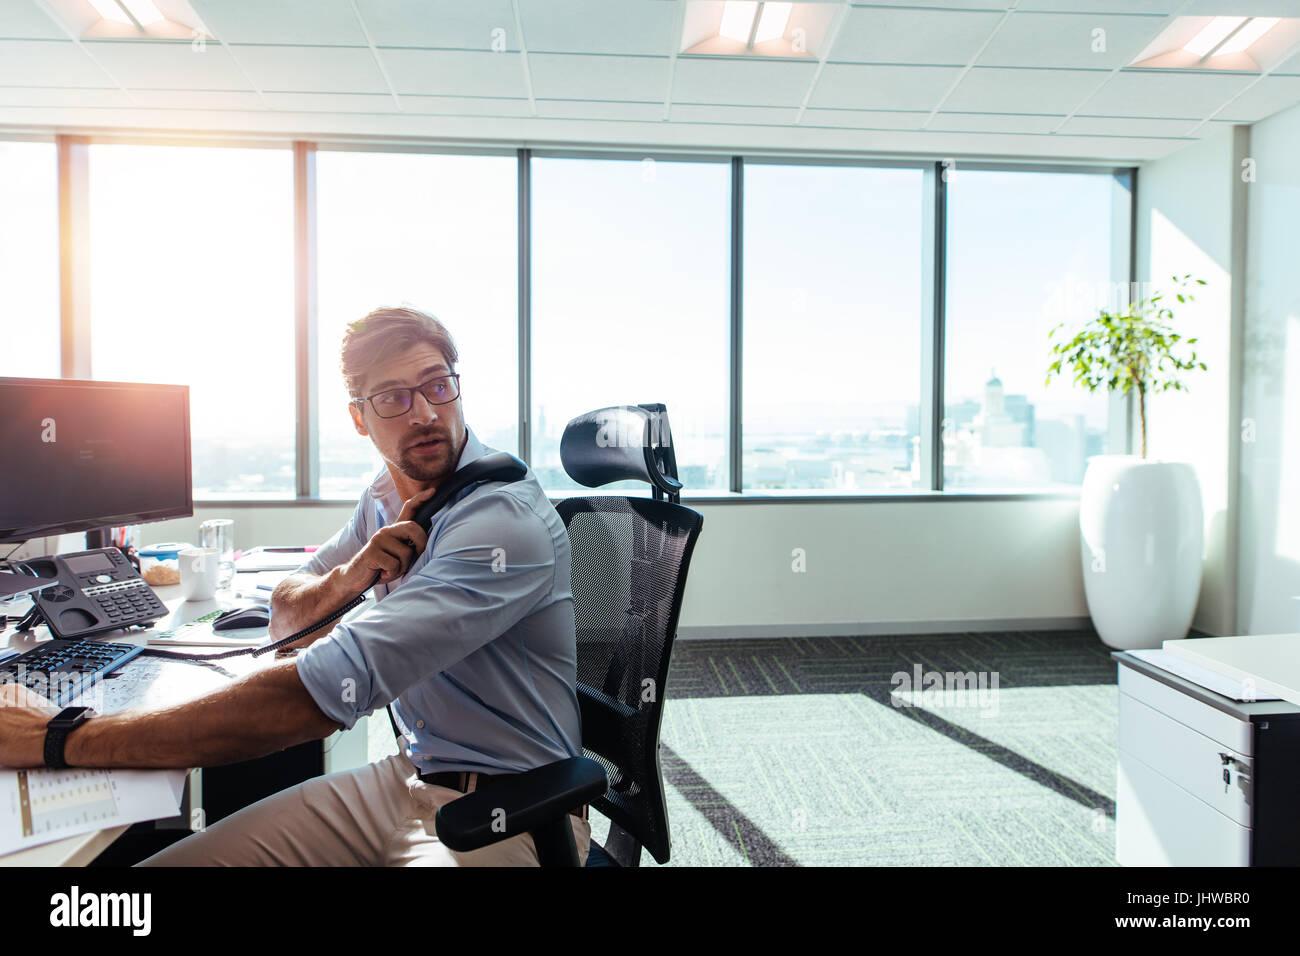 Empresario en su oficina de trabajo con ordenadores y papeles de negocios en la mesa. Un joven empresario busca Imagen De Stock